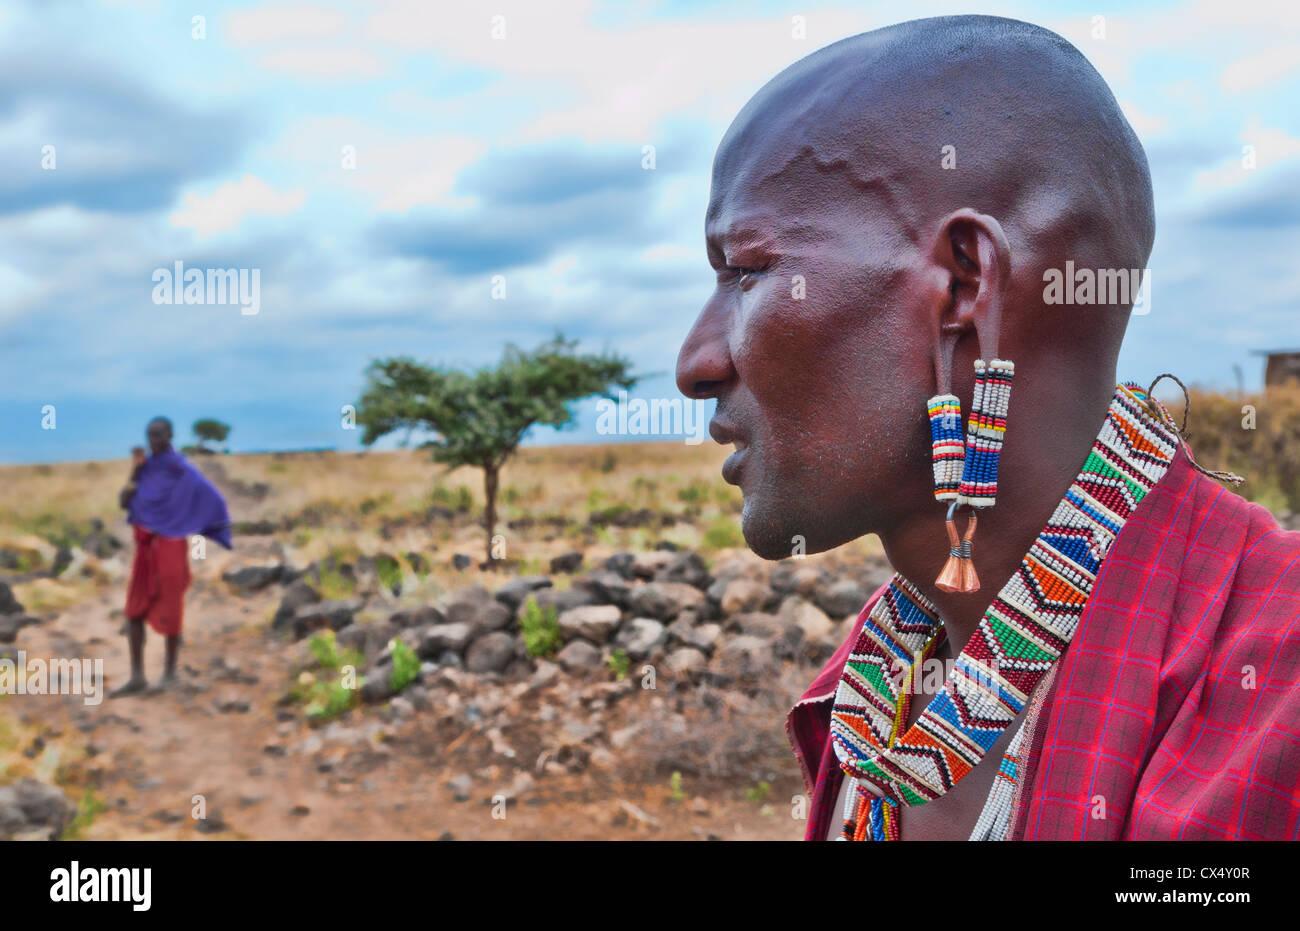 Kenya Africa Amboseli Masai Masai tribe hombre vestido de traje rojo y cordones cerca de joyería en área Imagen De Stock